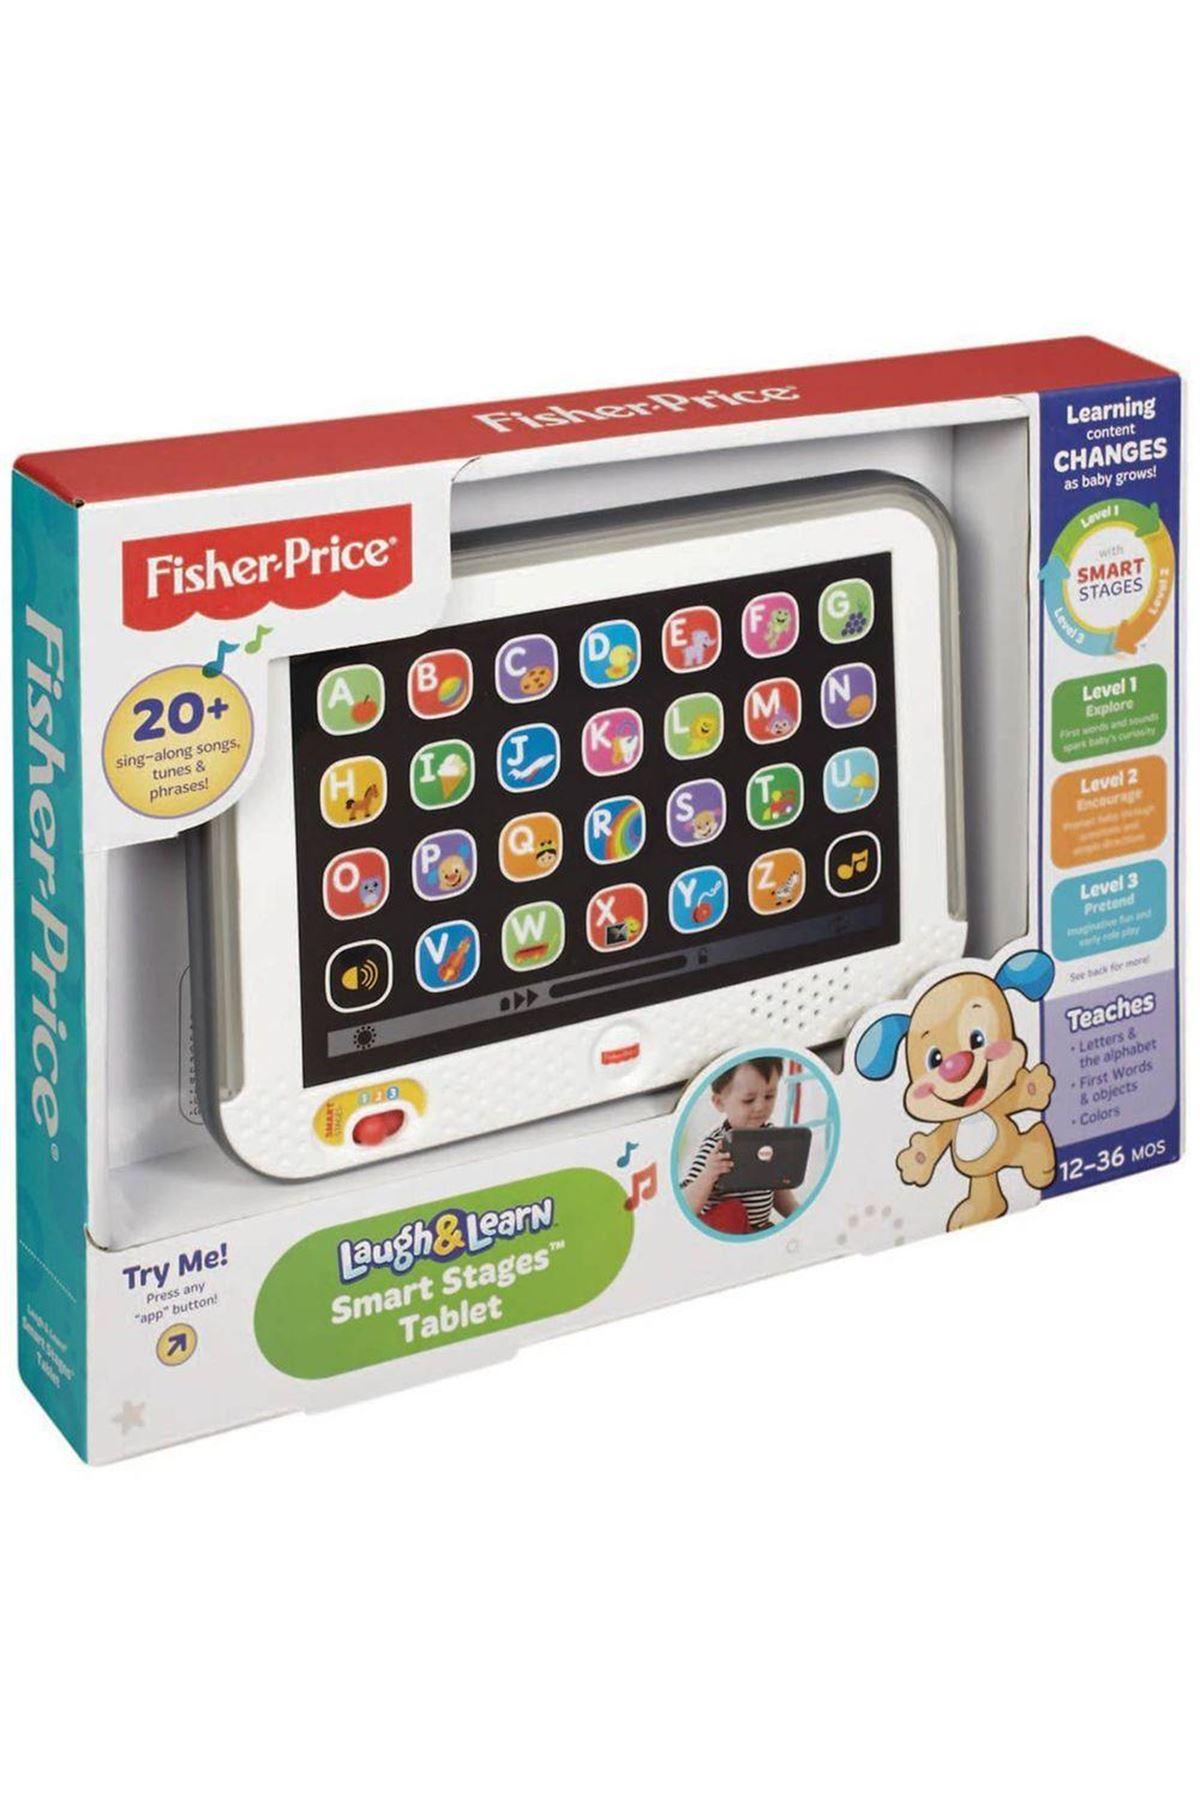 Fisher Price LnL Yaşa Göre Gelişim Eğitici Tablet (Türkçe) CLK64